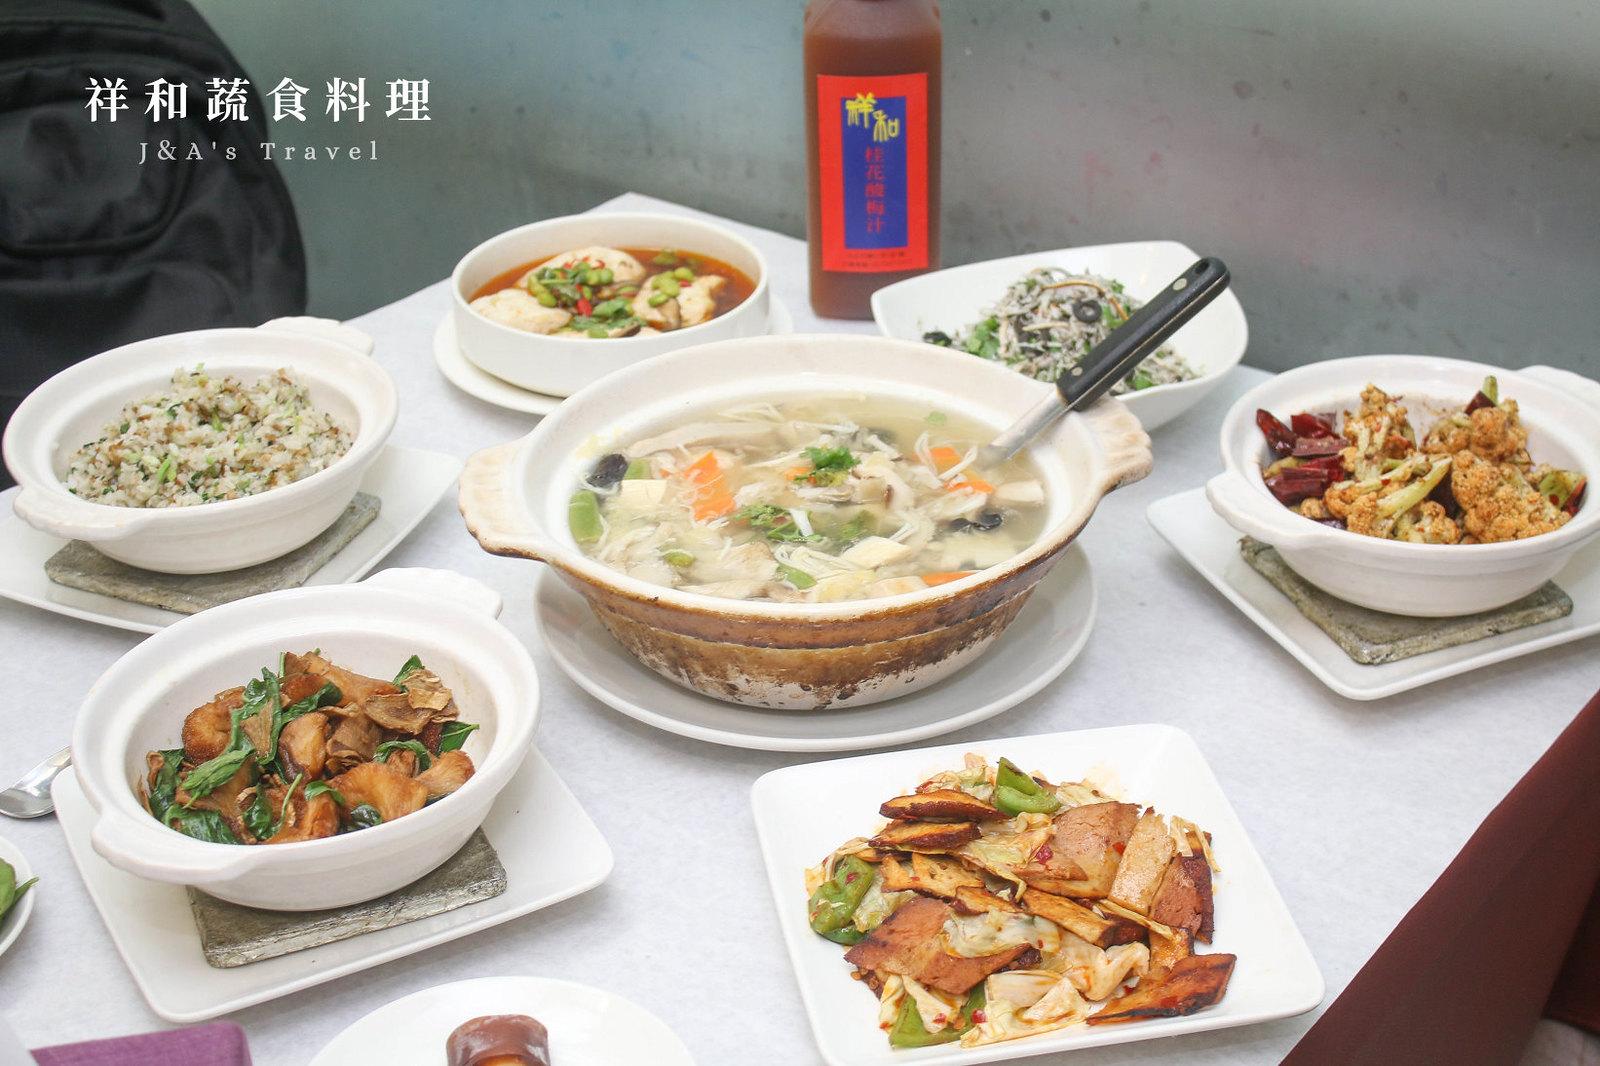 最新推播訊息:人氣川菜風味蔬食料理,米其林必比登唯一推薦蔬食餐廳